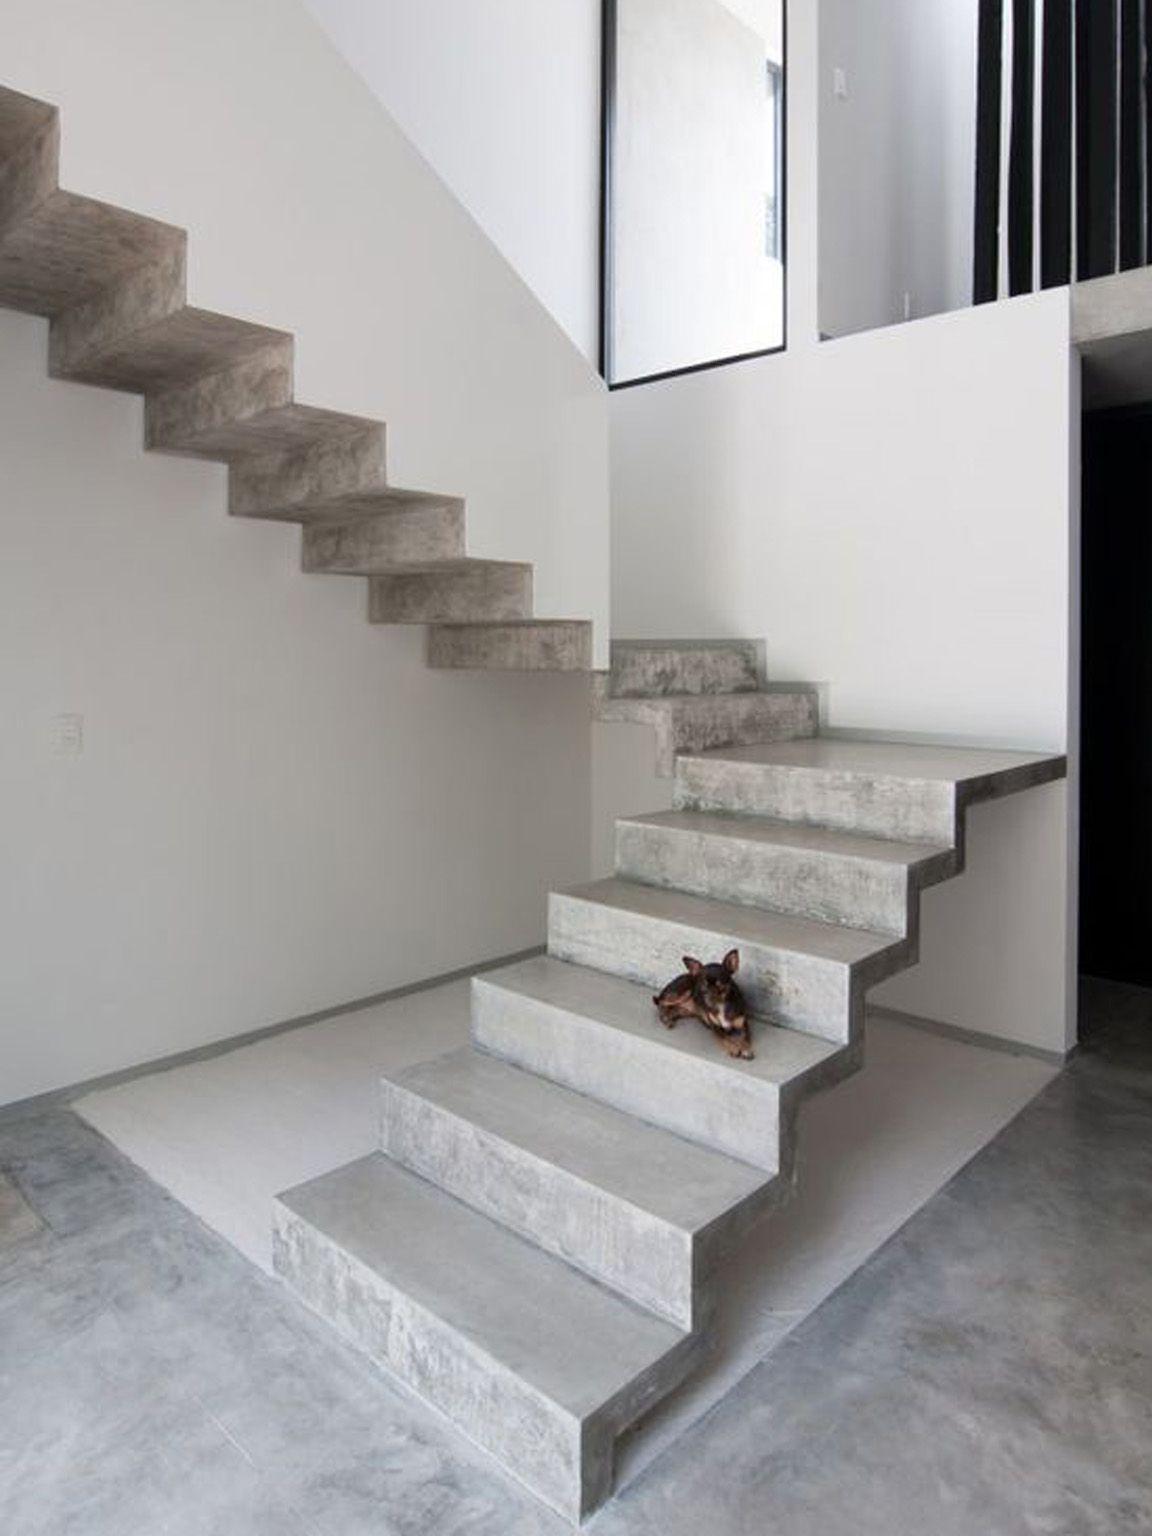 Moderno Scale Esterne In Muratura.Scala Cemento Continua Interni In Calcestruzzo Scale